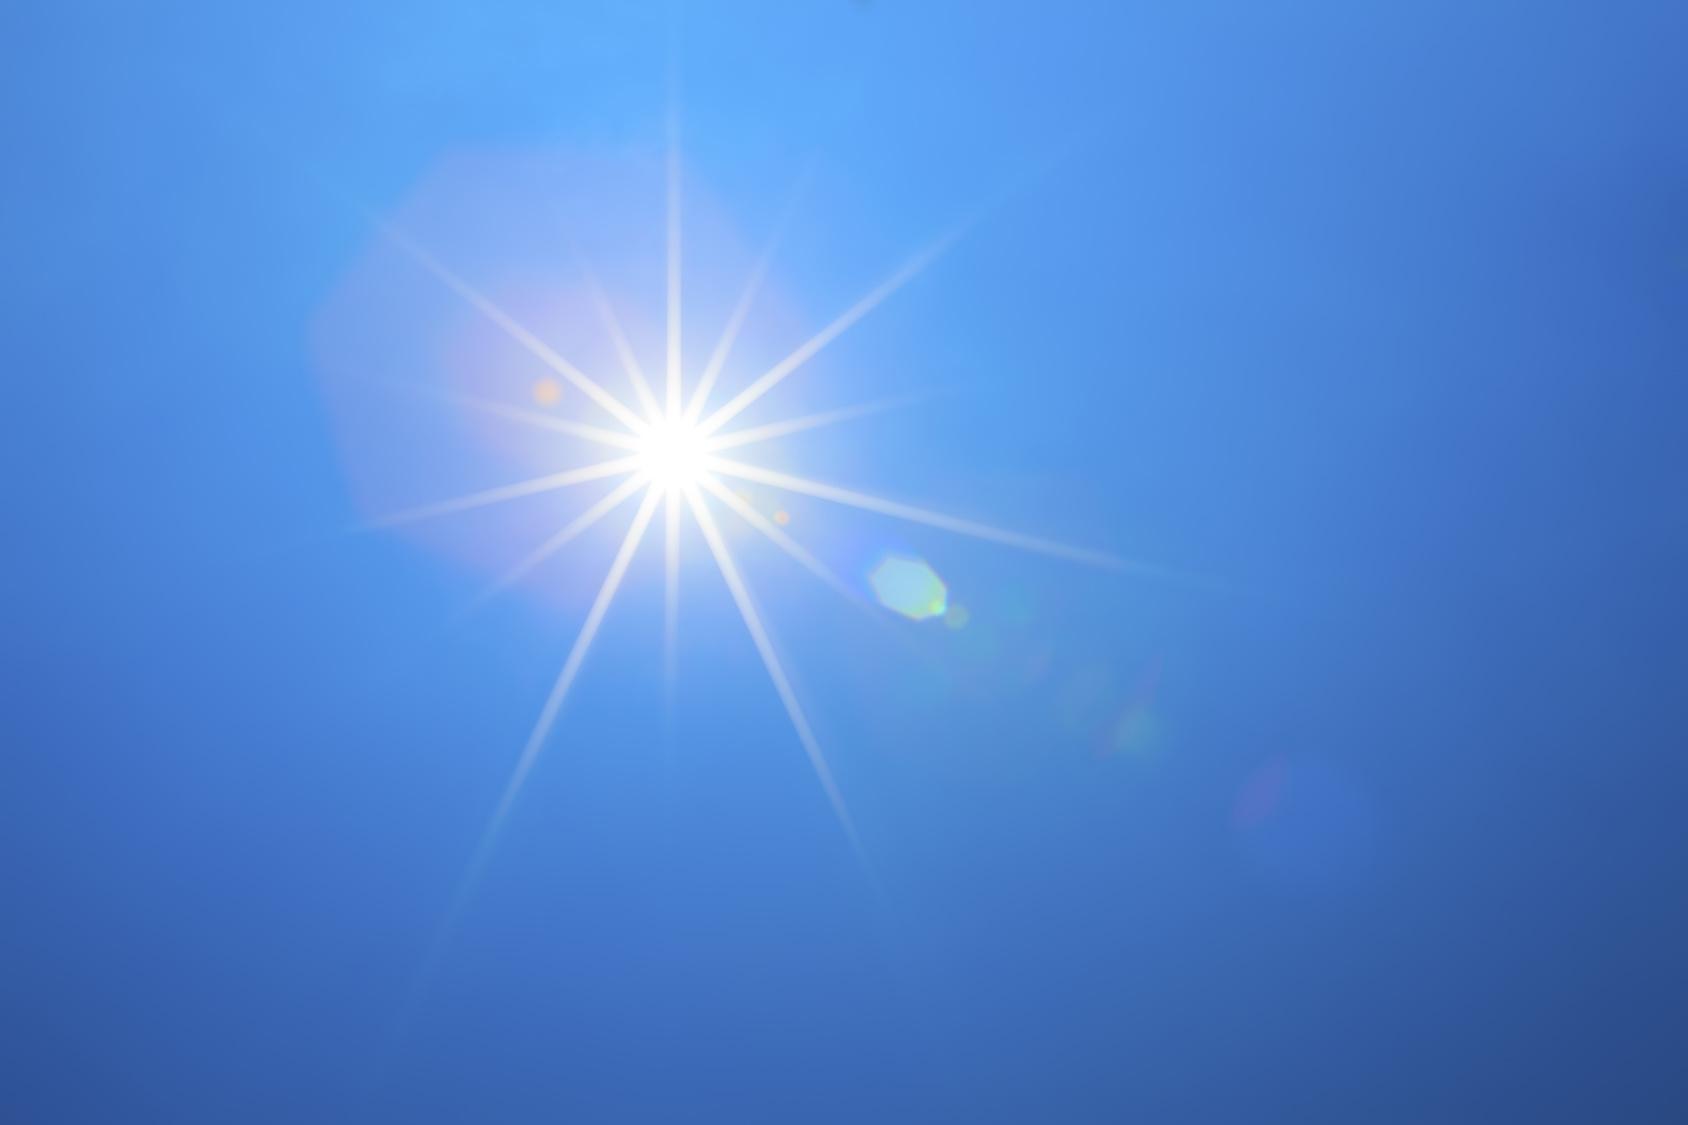 Crema abbronzante contro i danni dai raggi ultravioletti: lo studio ad Harvard